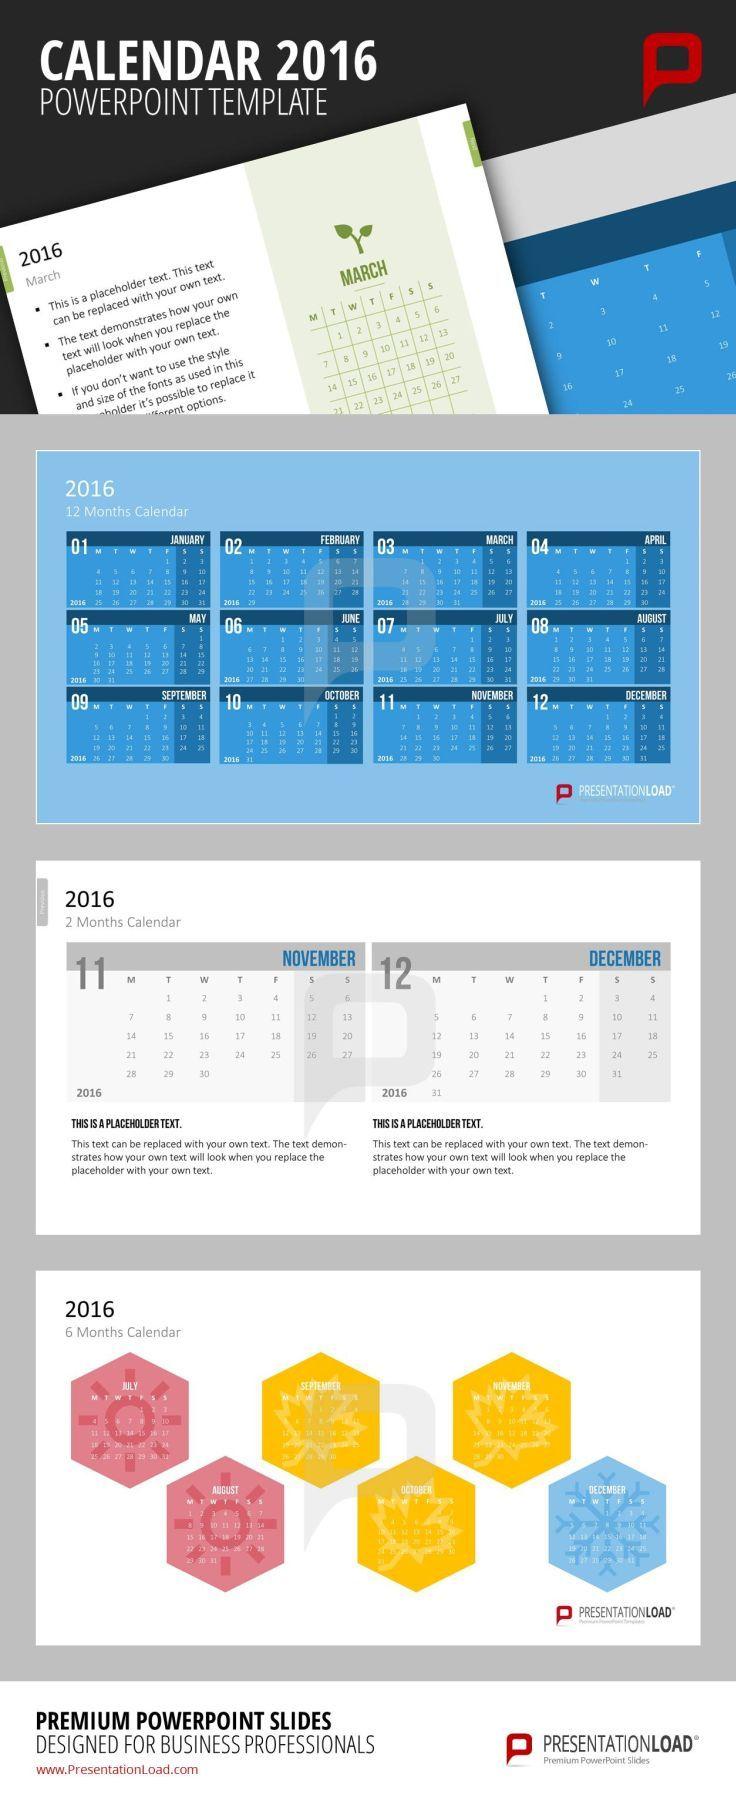 Neue Kalender-Vorlagen für 2016